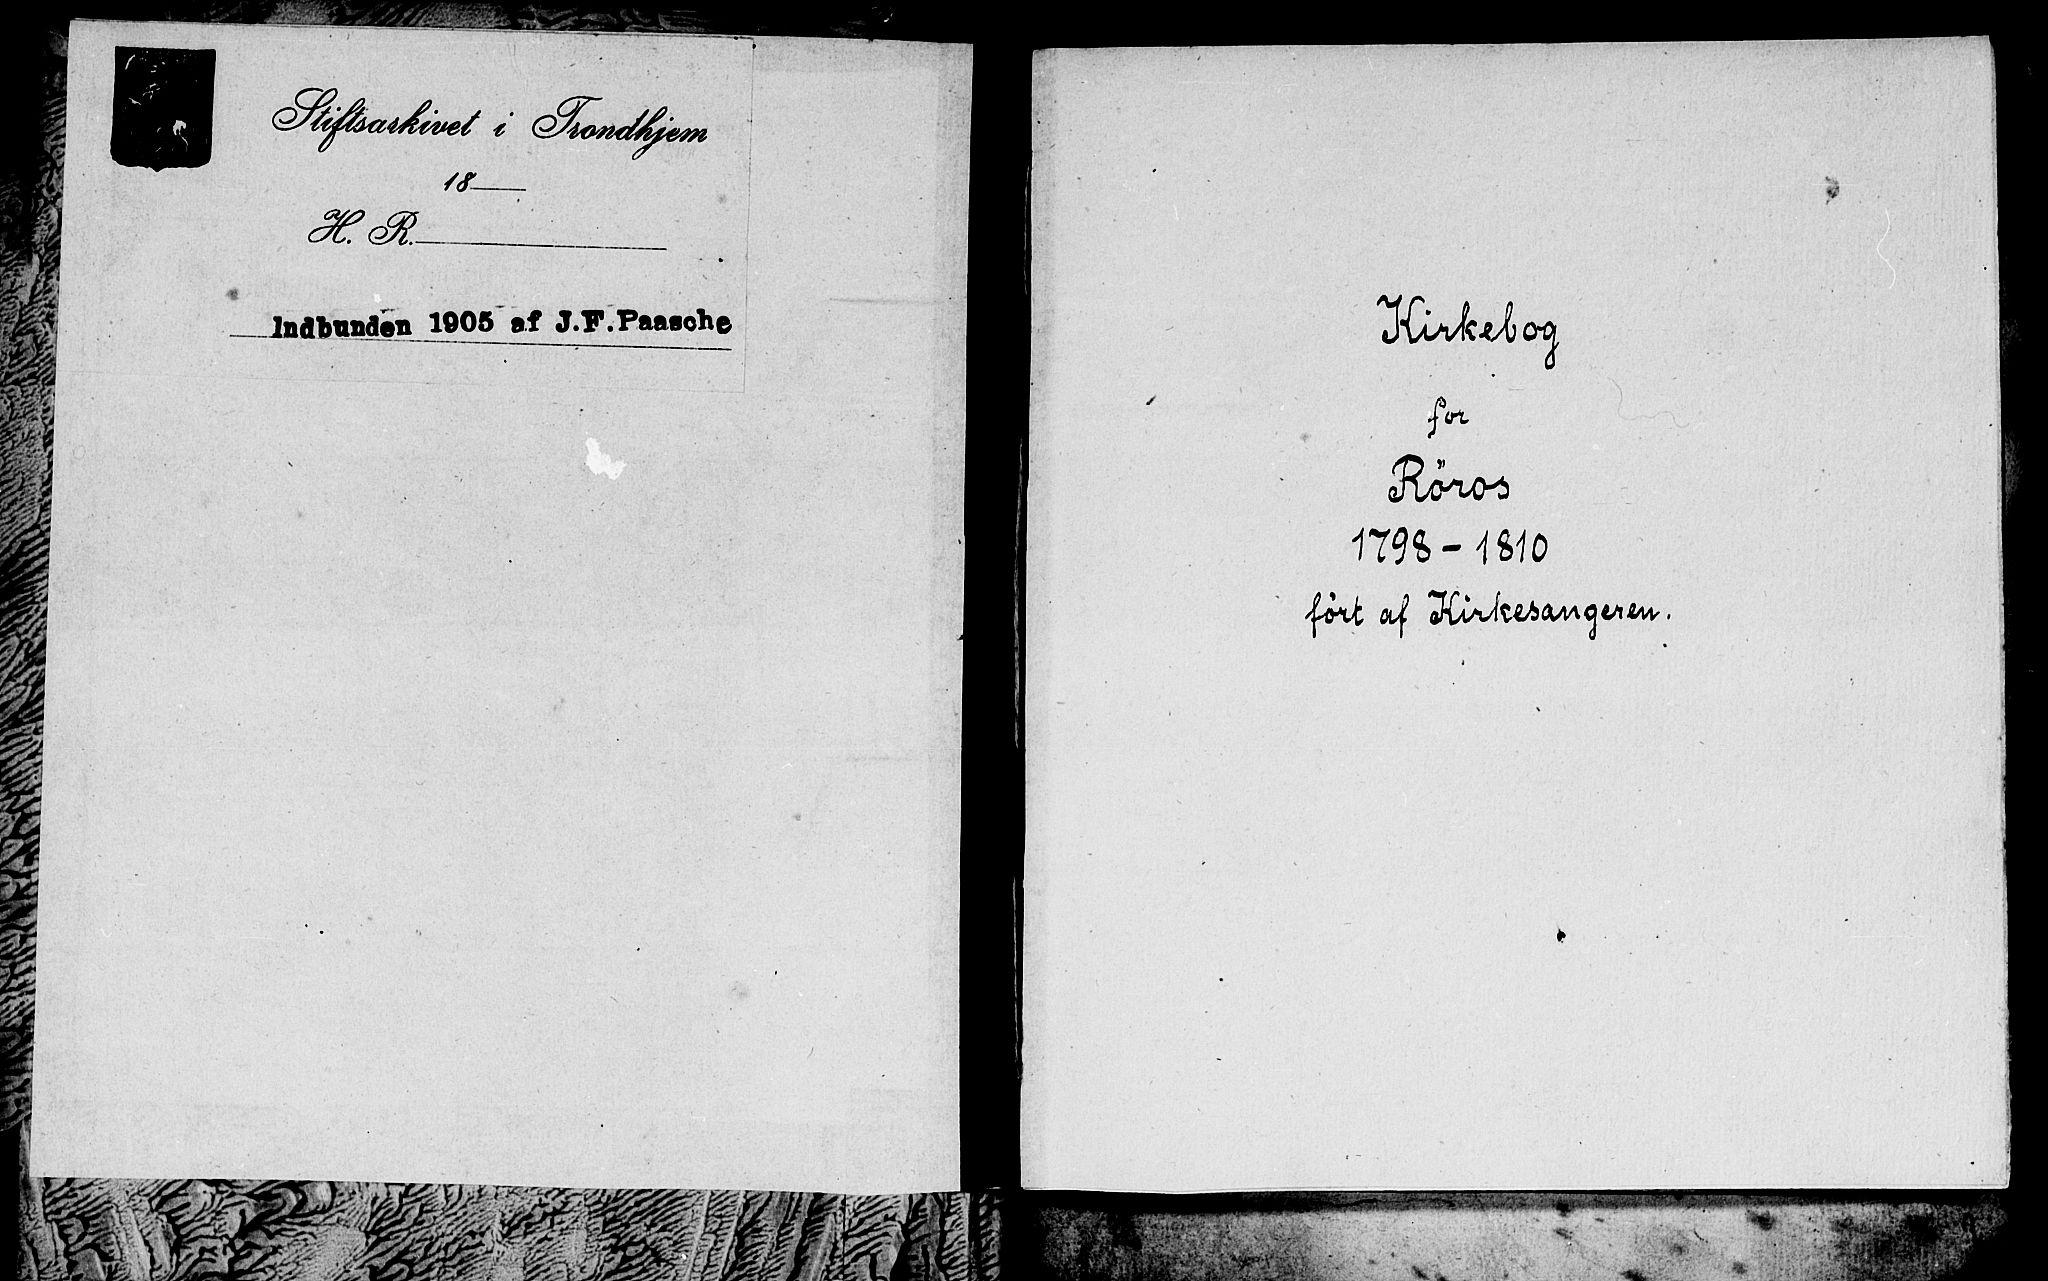 SAT, Ministerialprotokoller, klokkerbøker og fødselsregistre - Sør-Trøndelag, 681/L0937: Klokkerbok nr. 681C01, 1798-1810